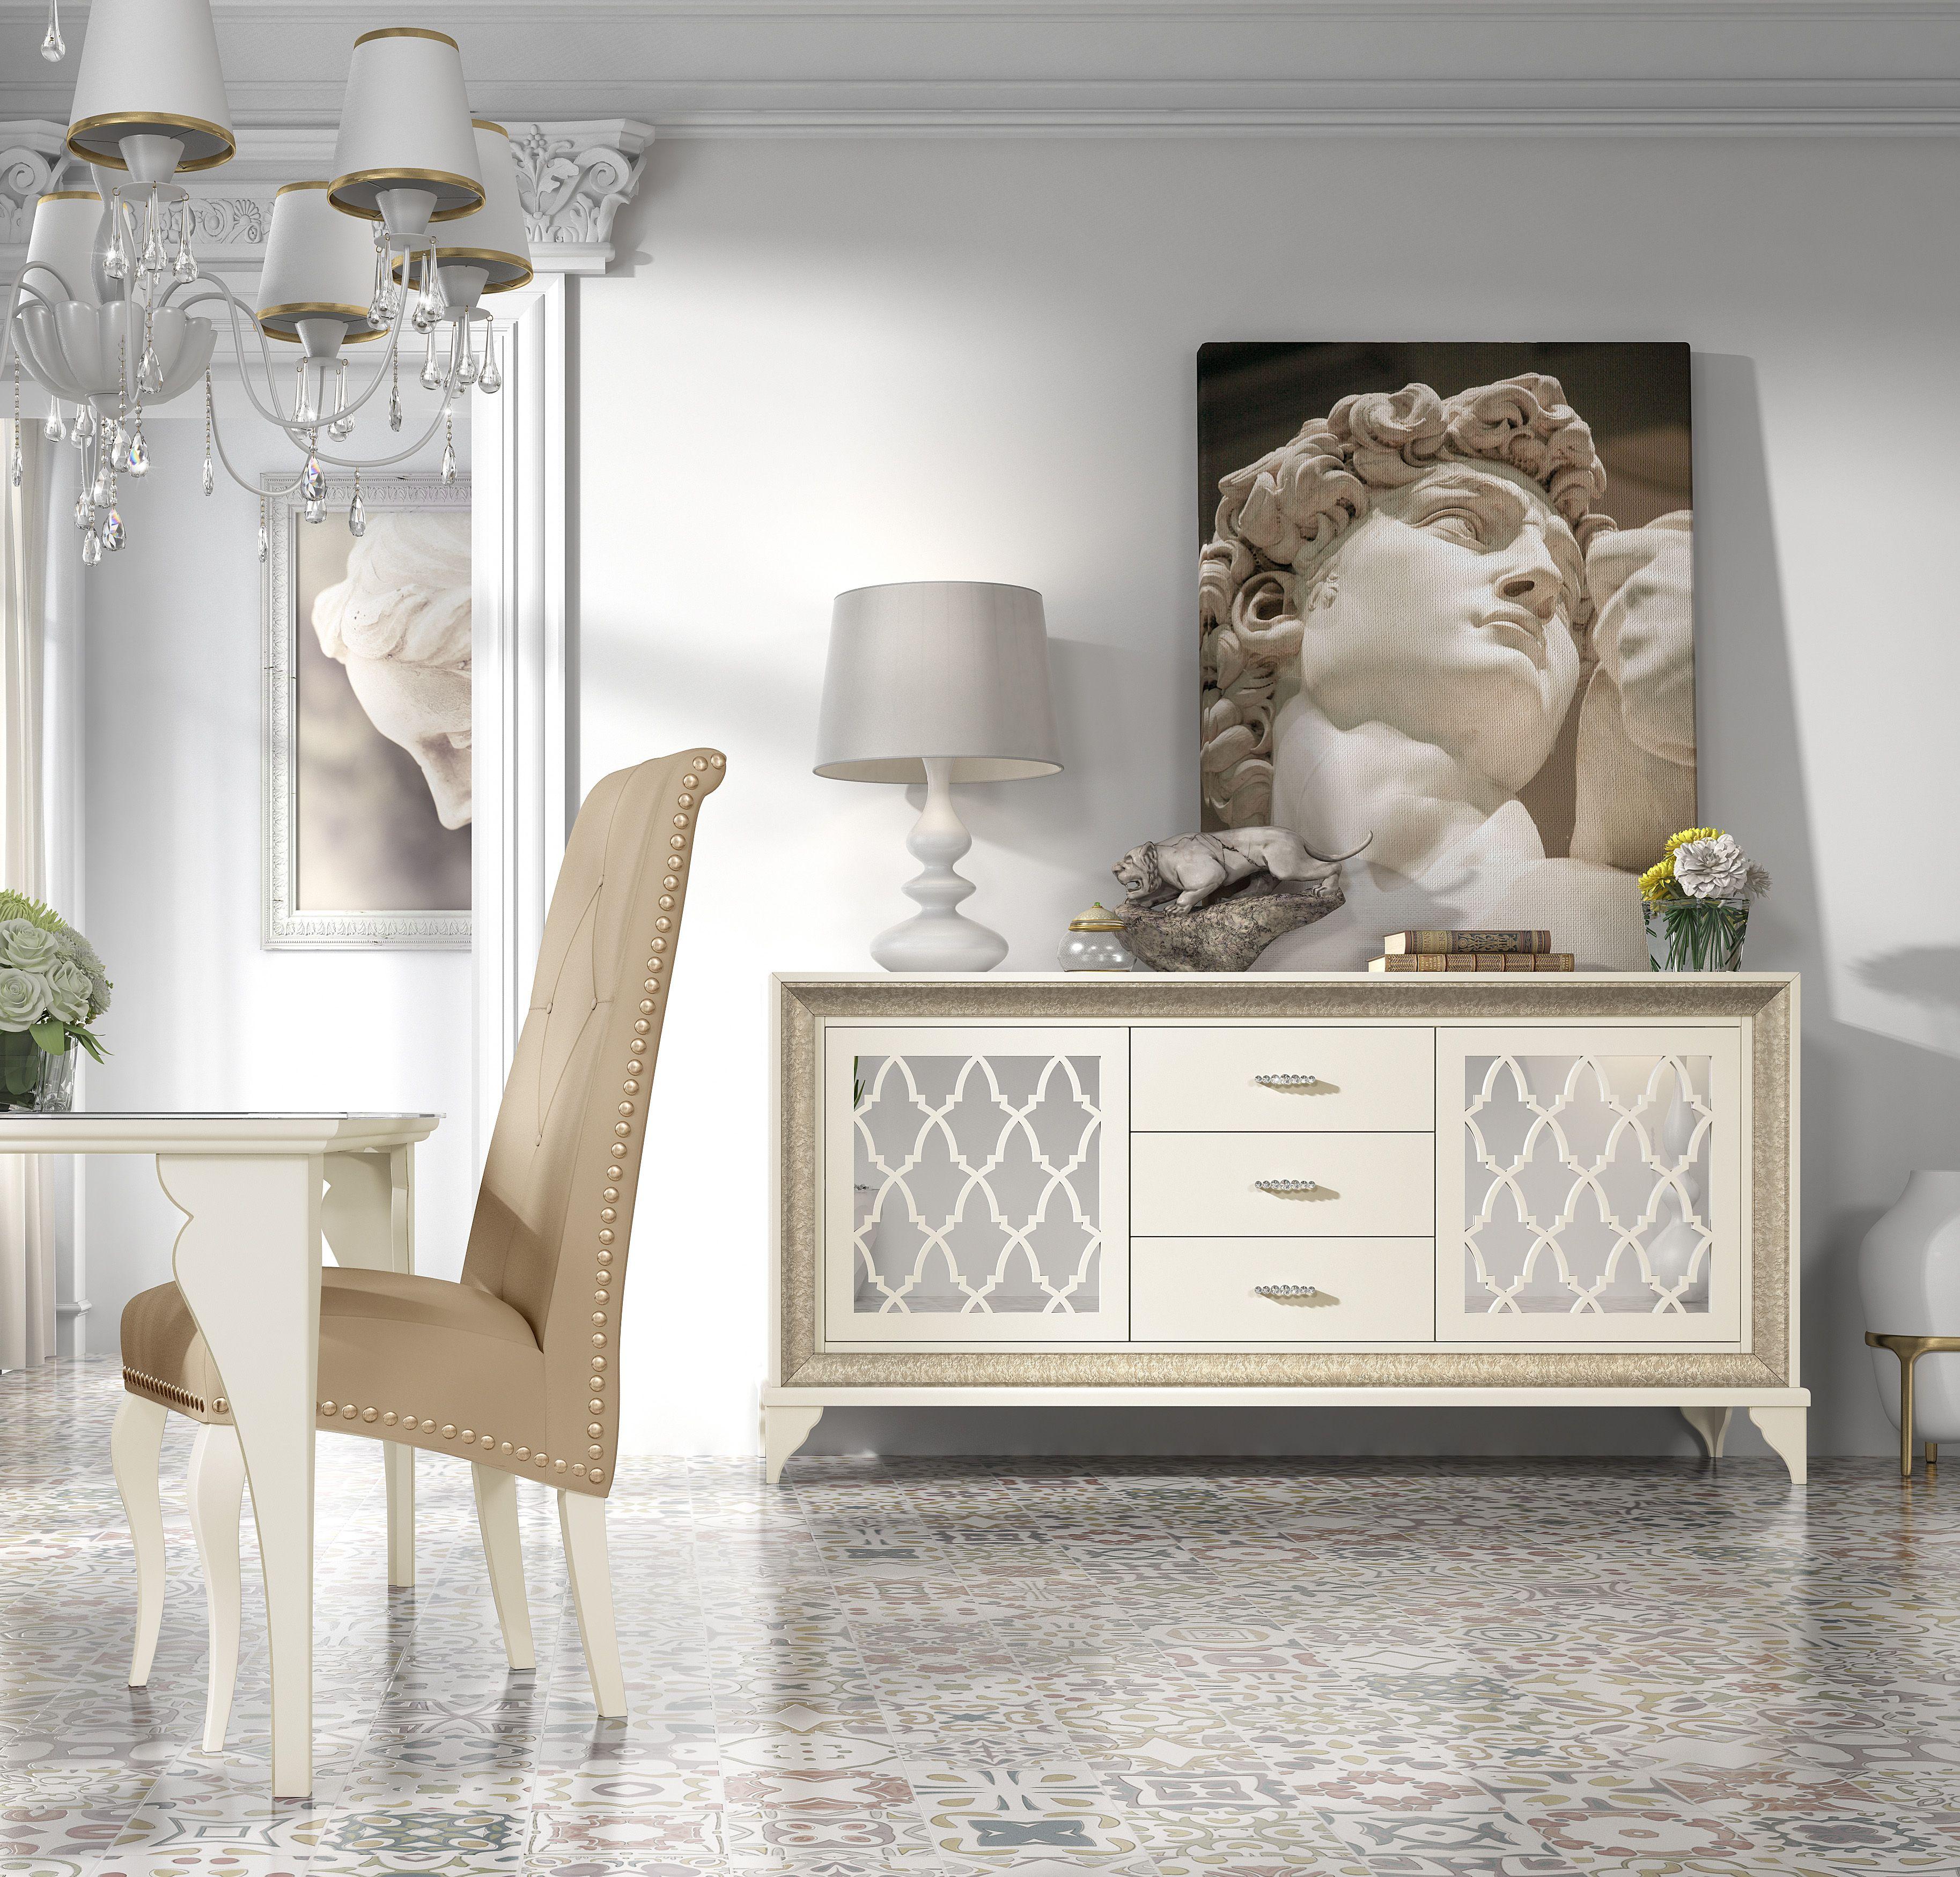 Aparador Con Celos A Y Detalles Exclusivos Que Aportan Elegancia Y  # Muebles De Pino Coghlan